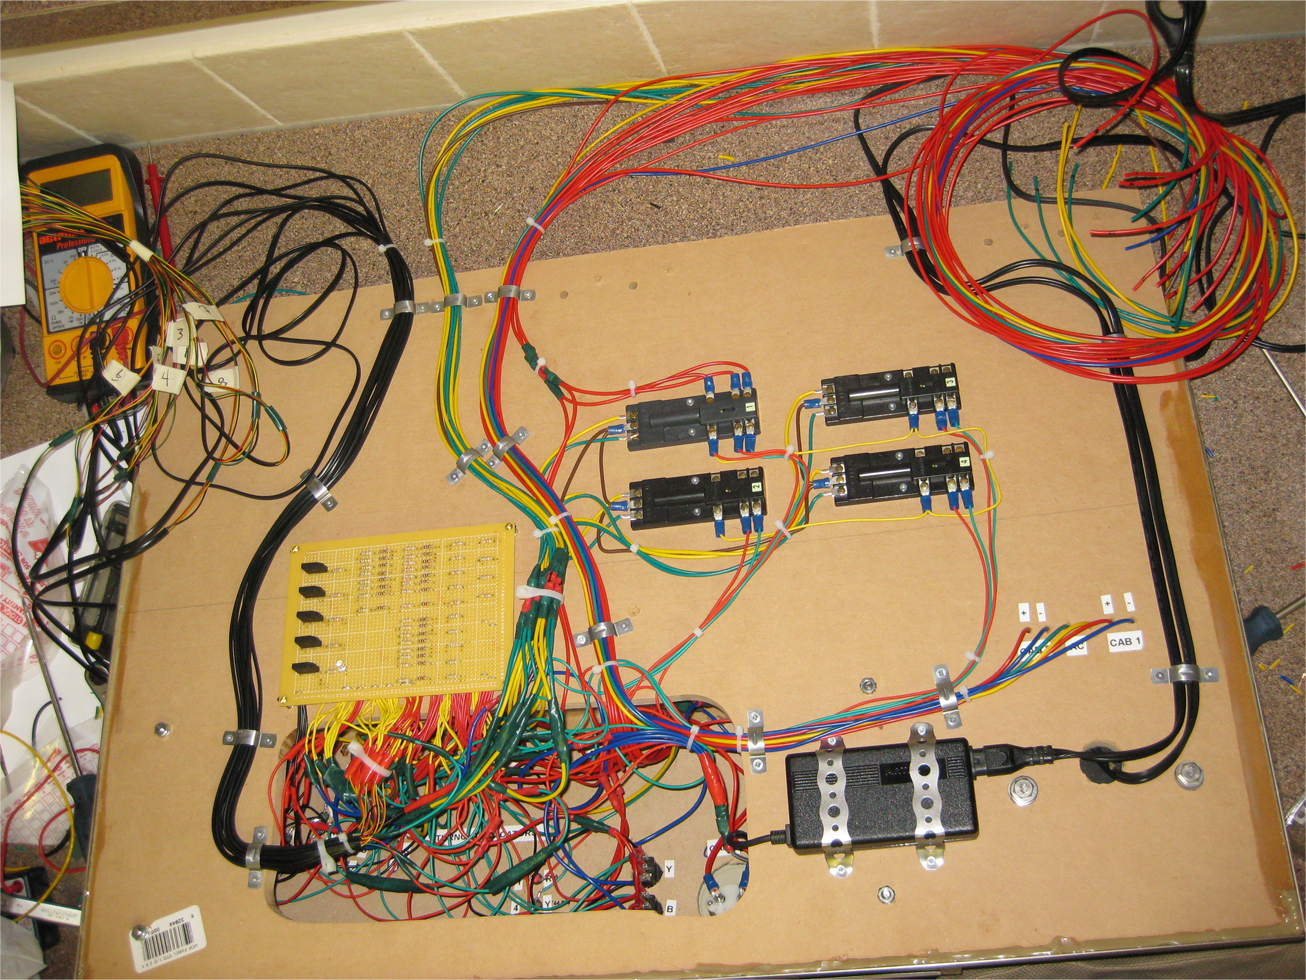 hight resolution of ho model train block wiring http tysmodelrailroad blogspot com 2011